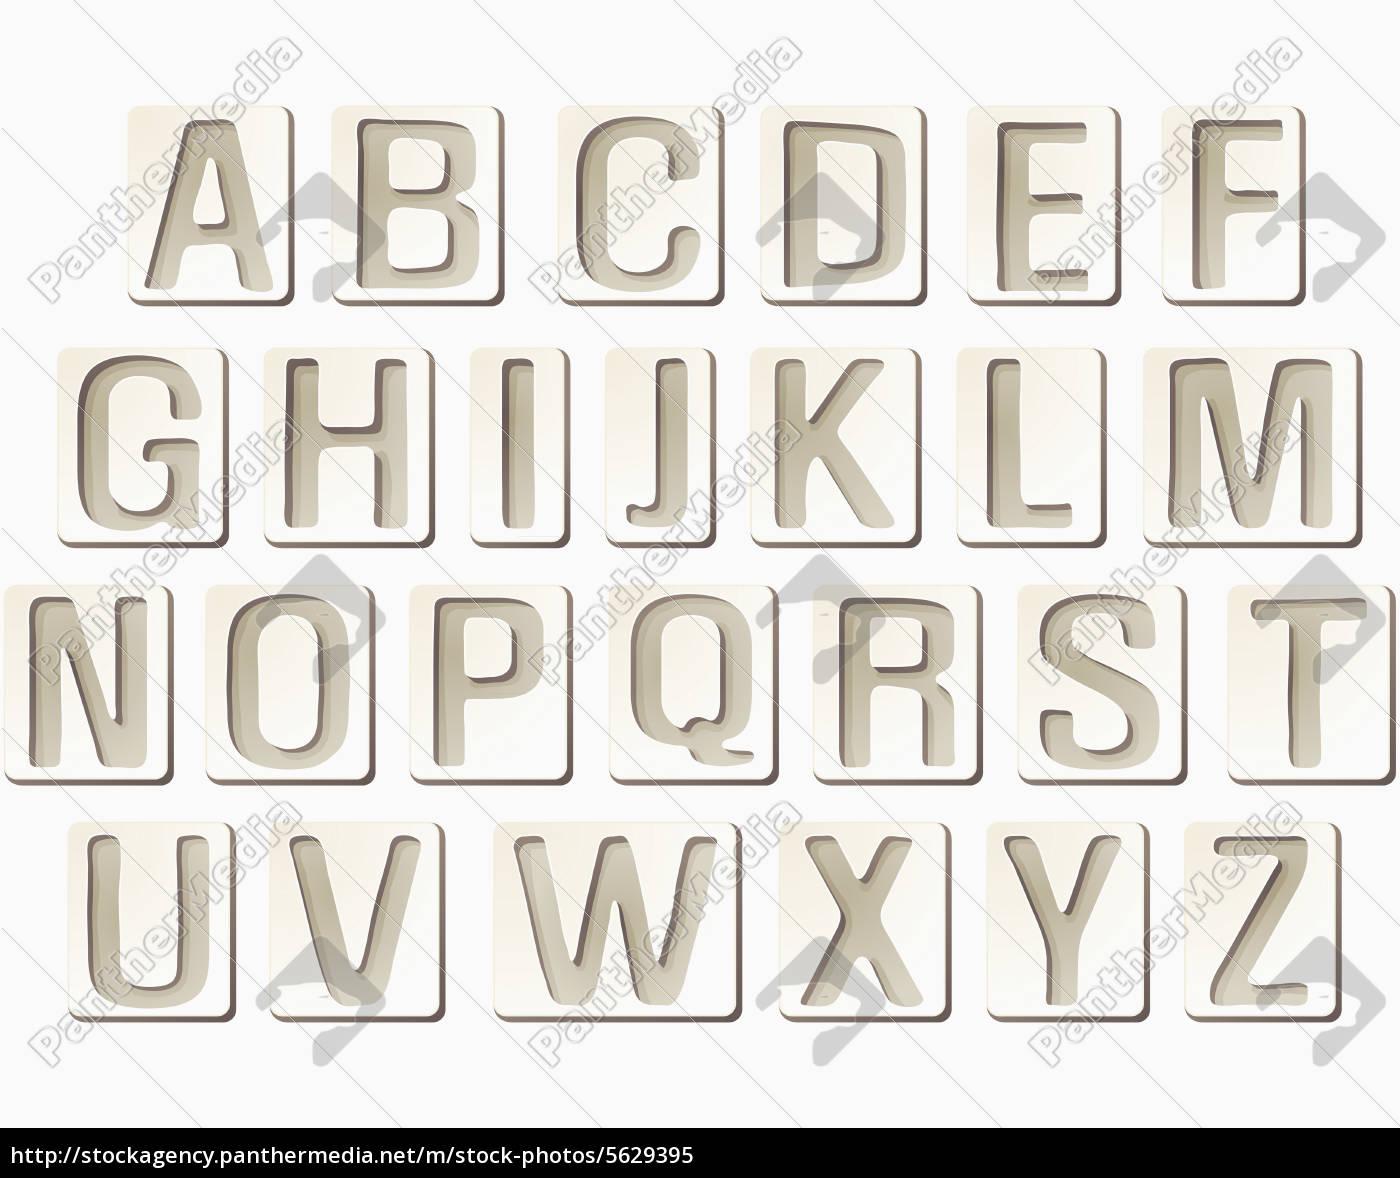 Royalty Free Image 5629395 - 201106Tongro Text Western Script Alphabet  Frame Capital Letter intérieur Alphabet En Script